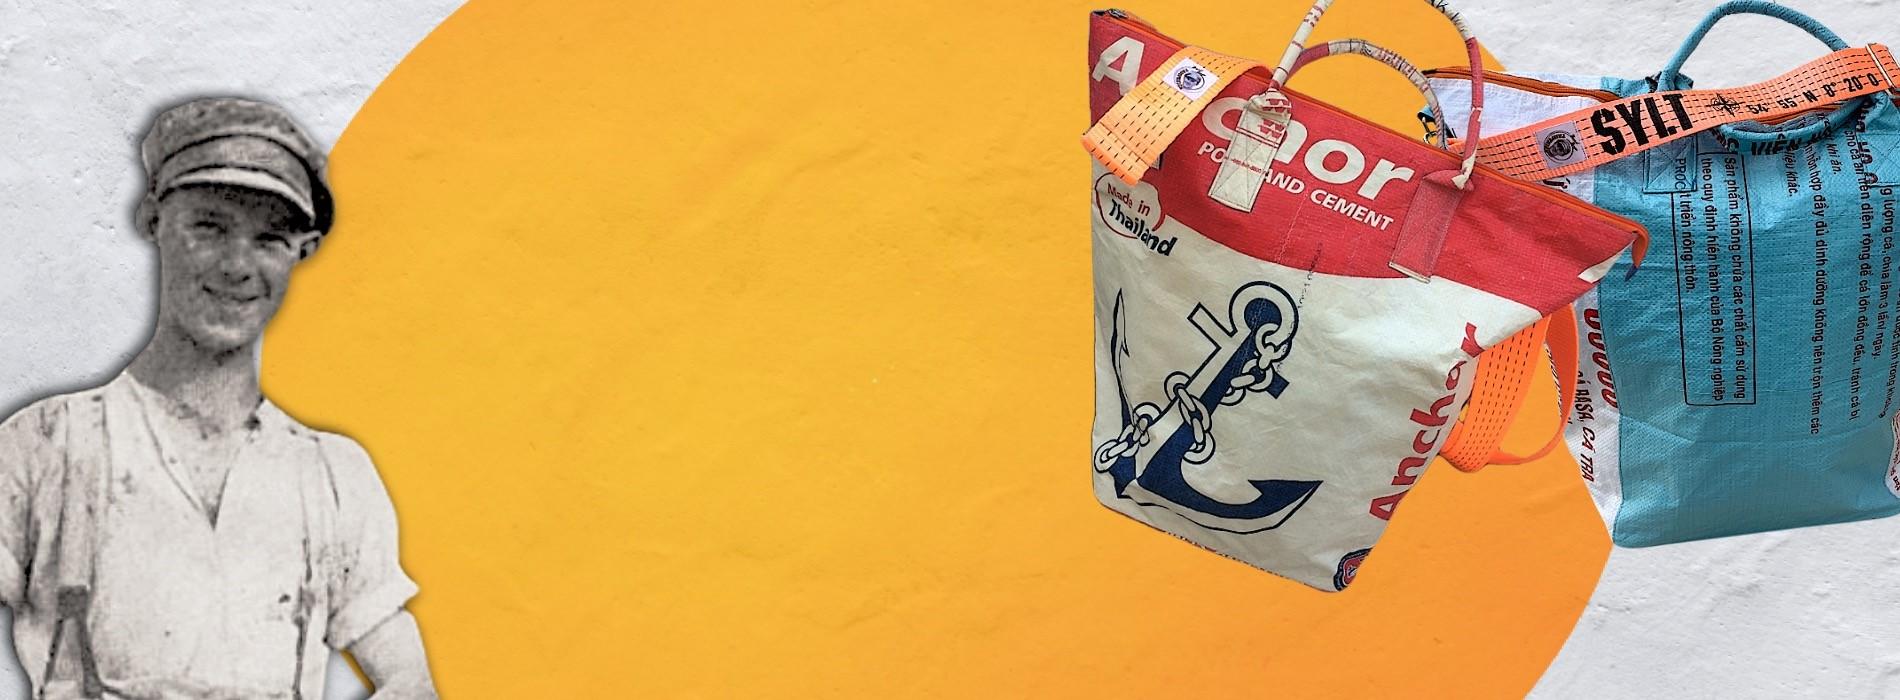 Beadbags Tampenjan Hochseetaschen mit Gurten